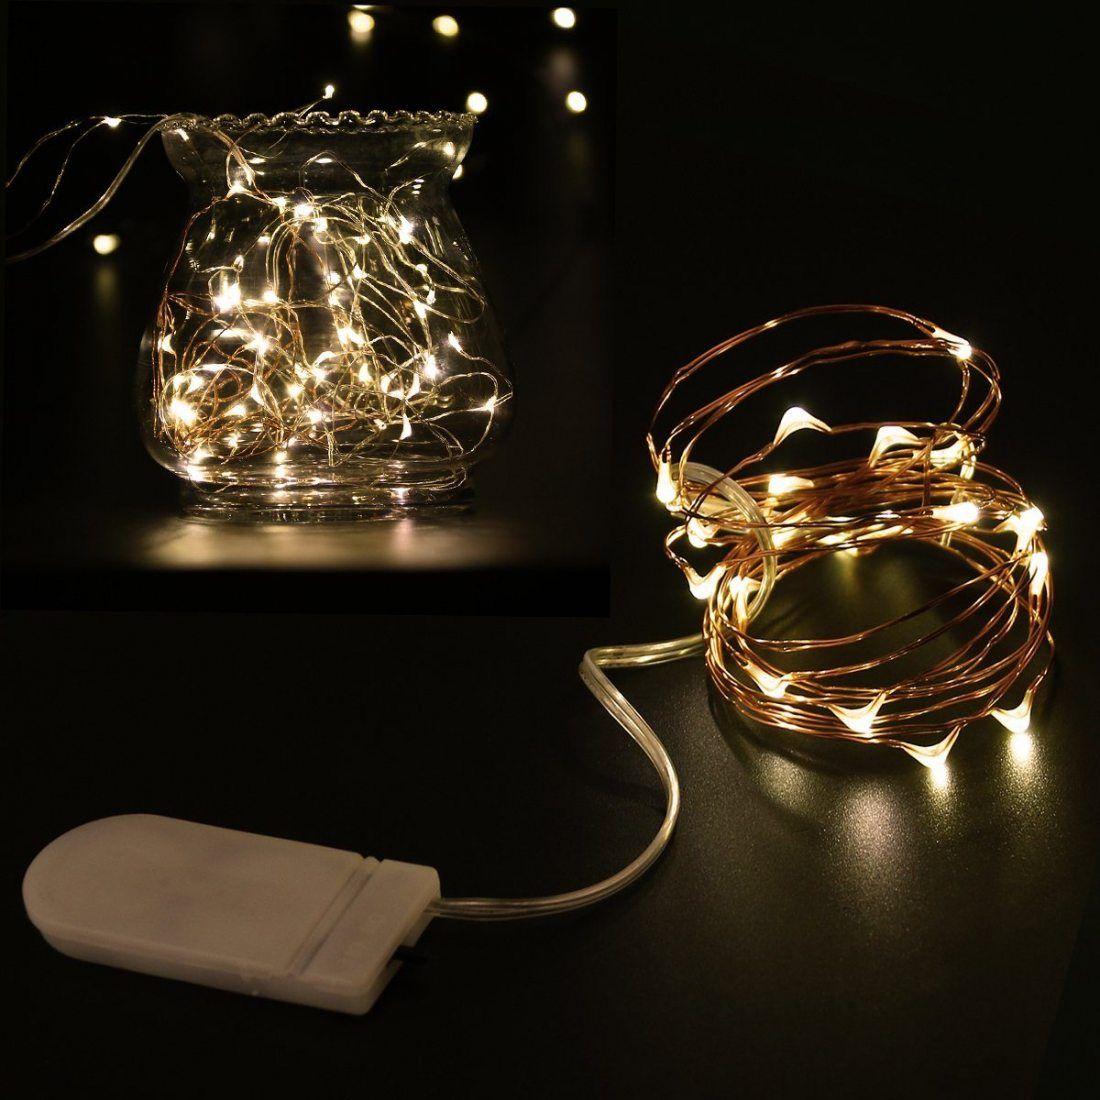 LEDMOMO 8 Unités Guirlande Lumineuse LED 6.6ft/2M Avec 20 micro LED par 2 x CR2032 (Compris) Blanc chaud